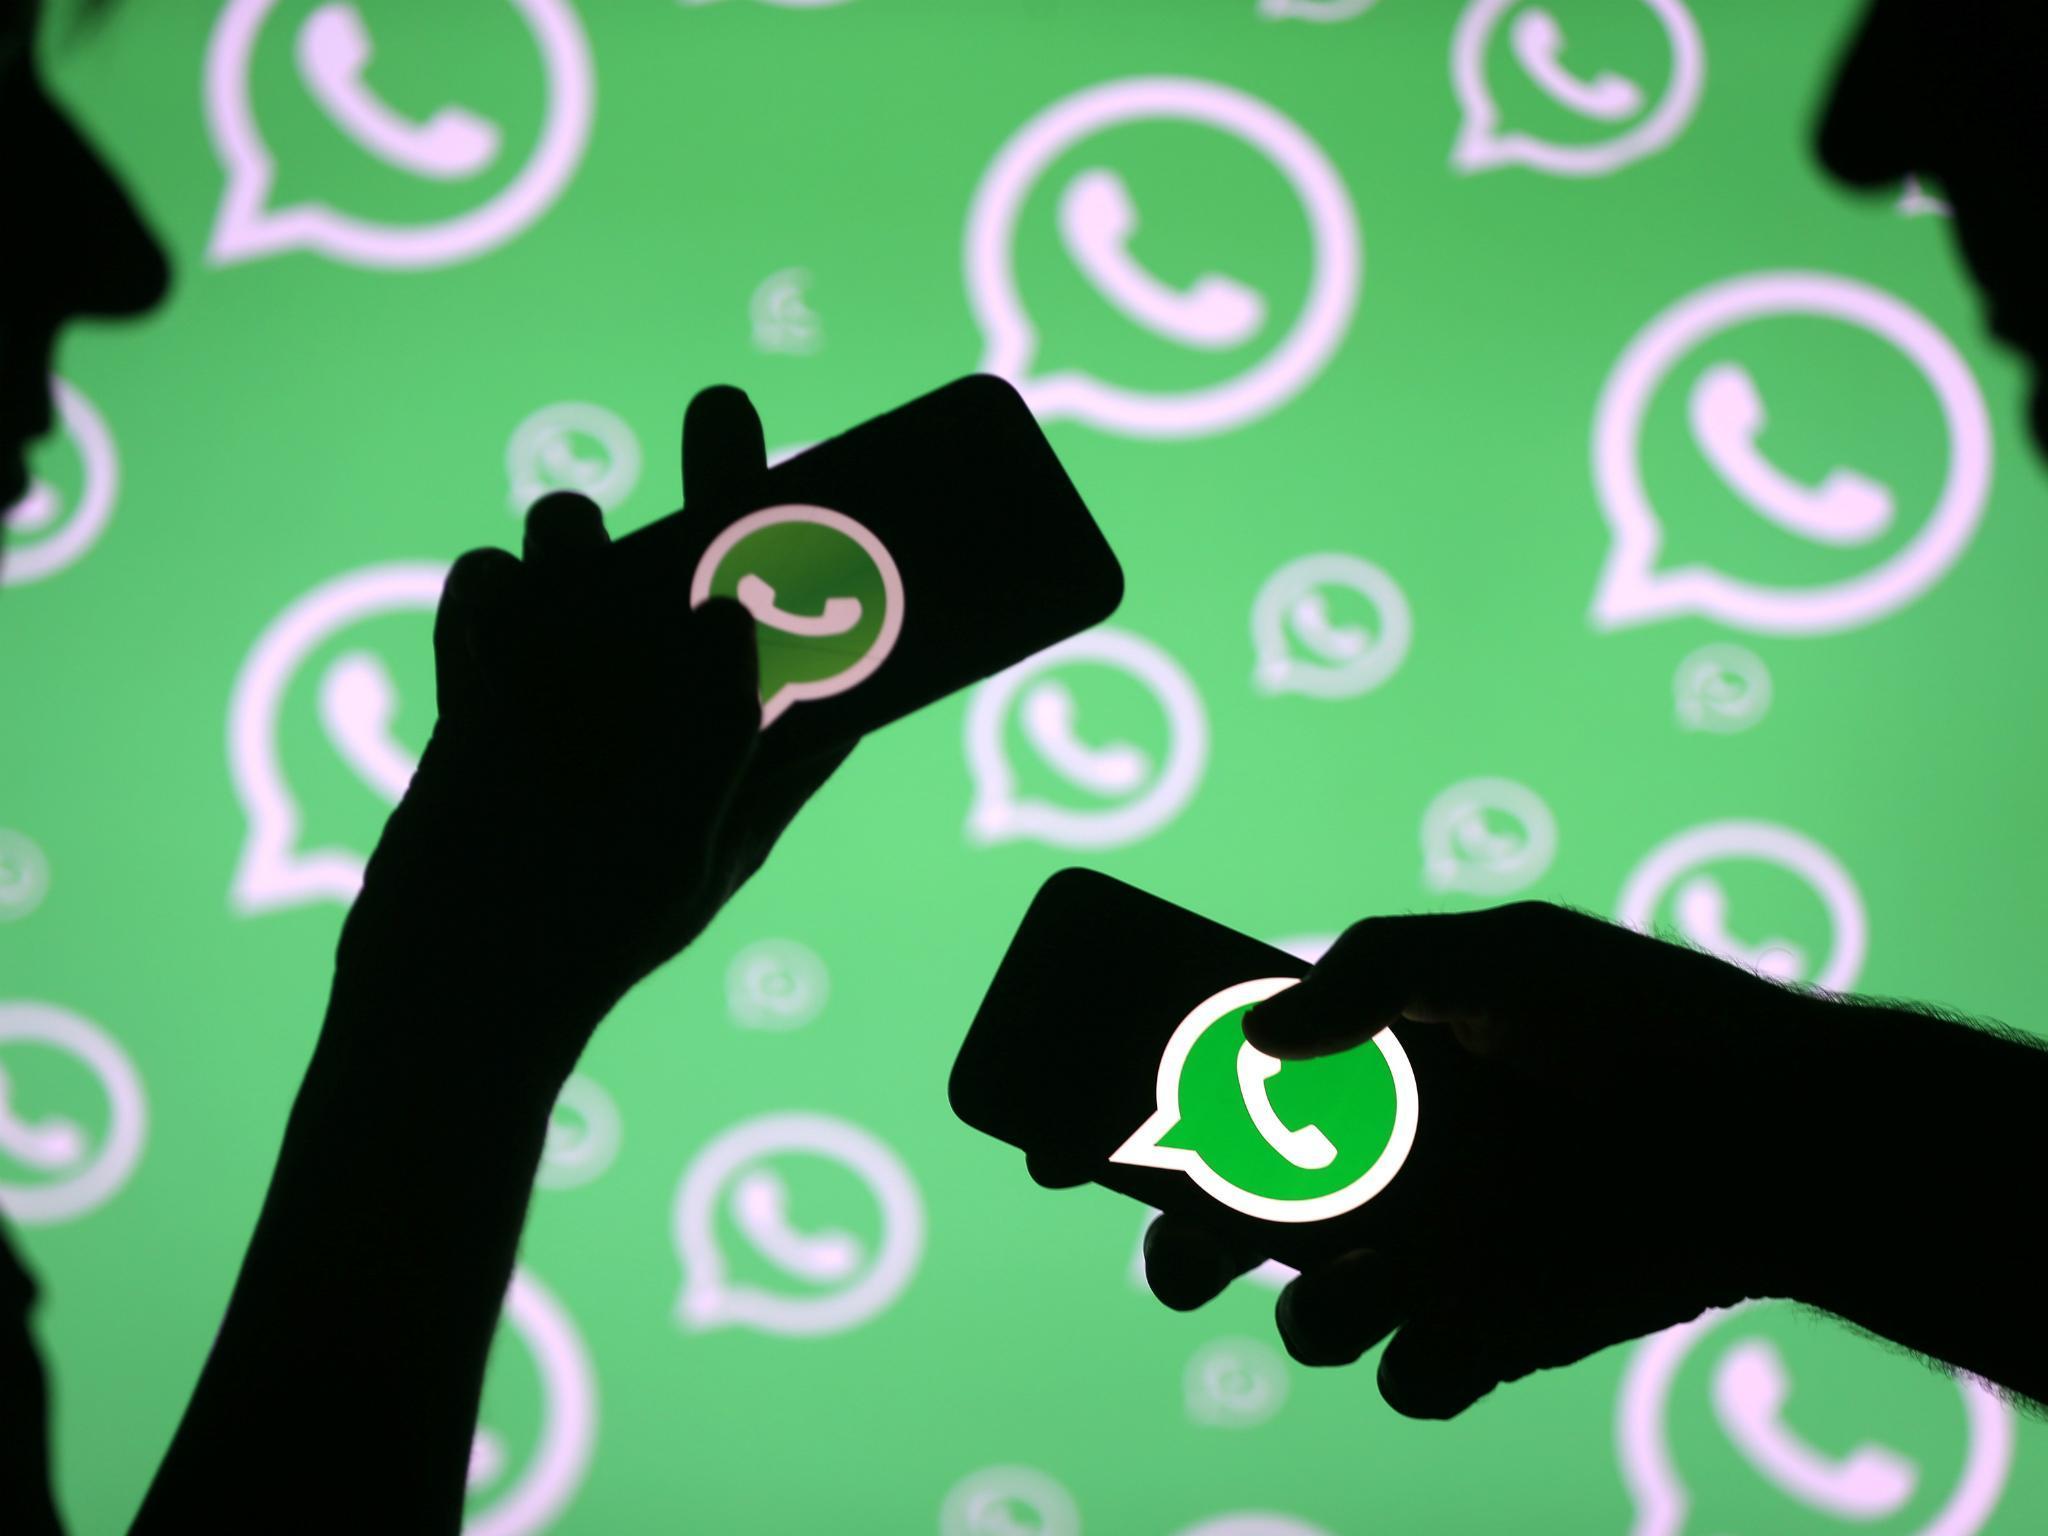 Criminosos enviam 'plano de saúde grátis' da Unimed pelo WhatsApp ...